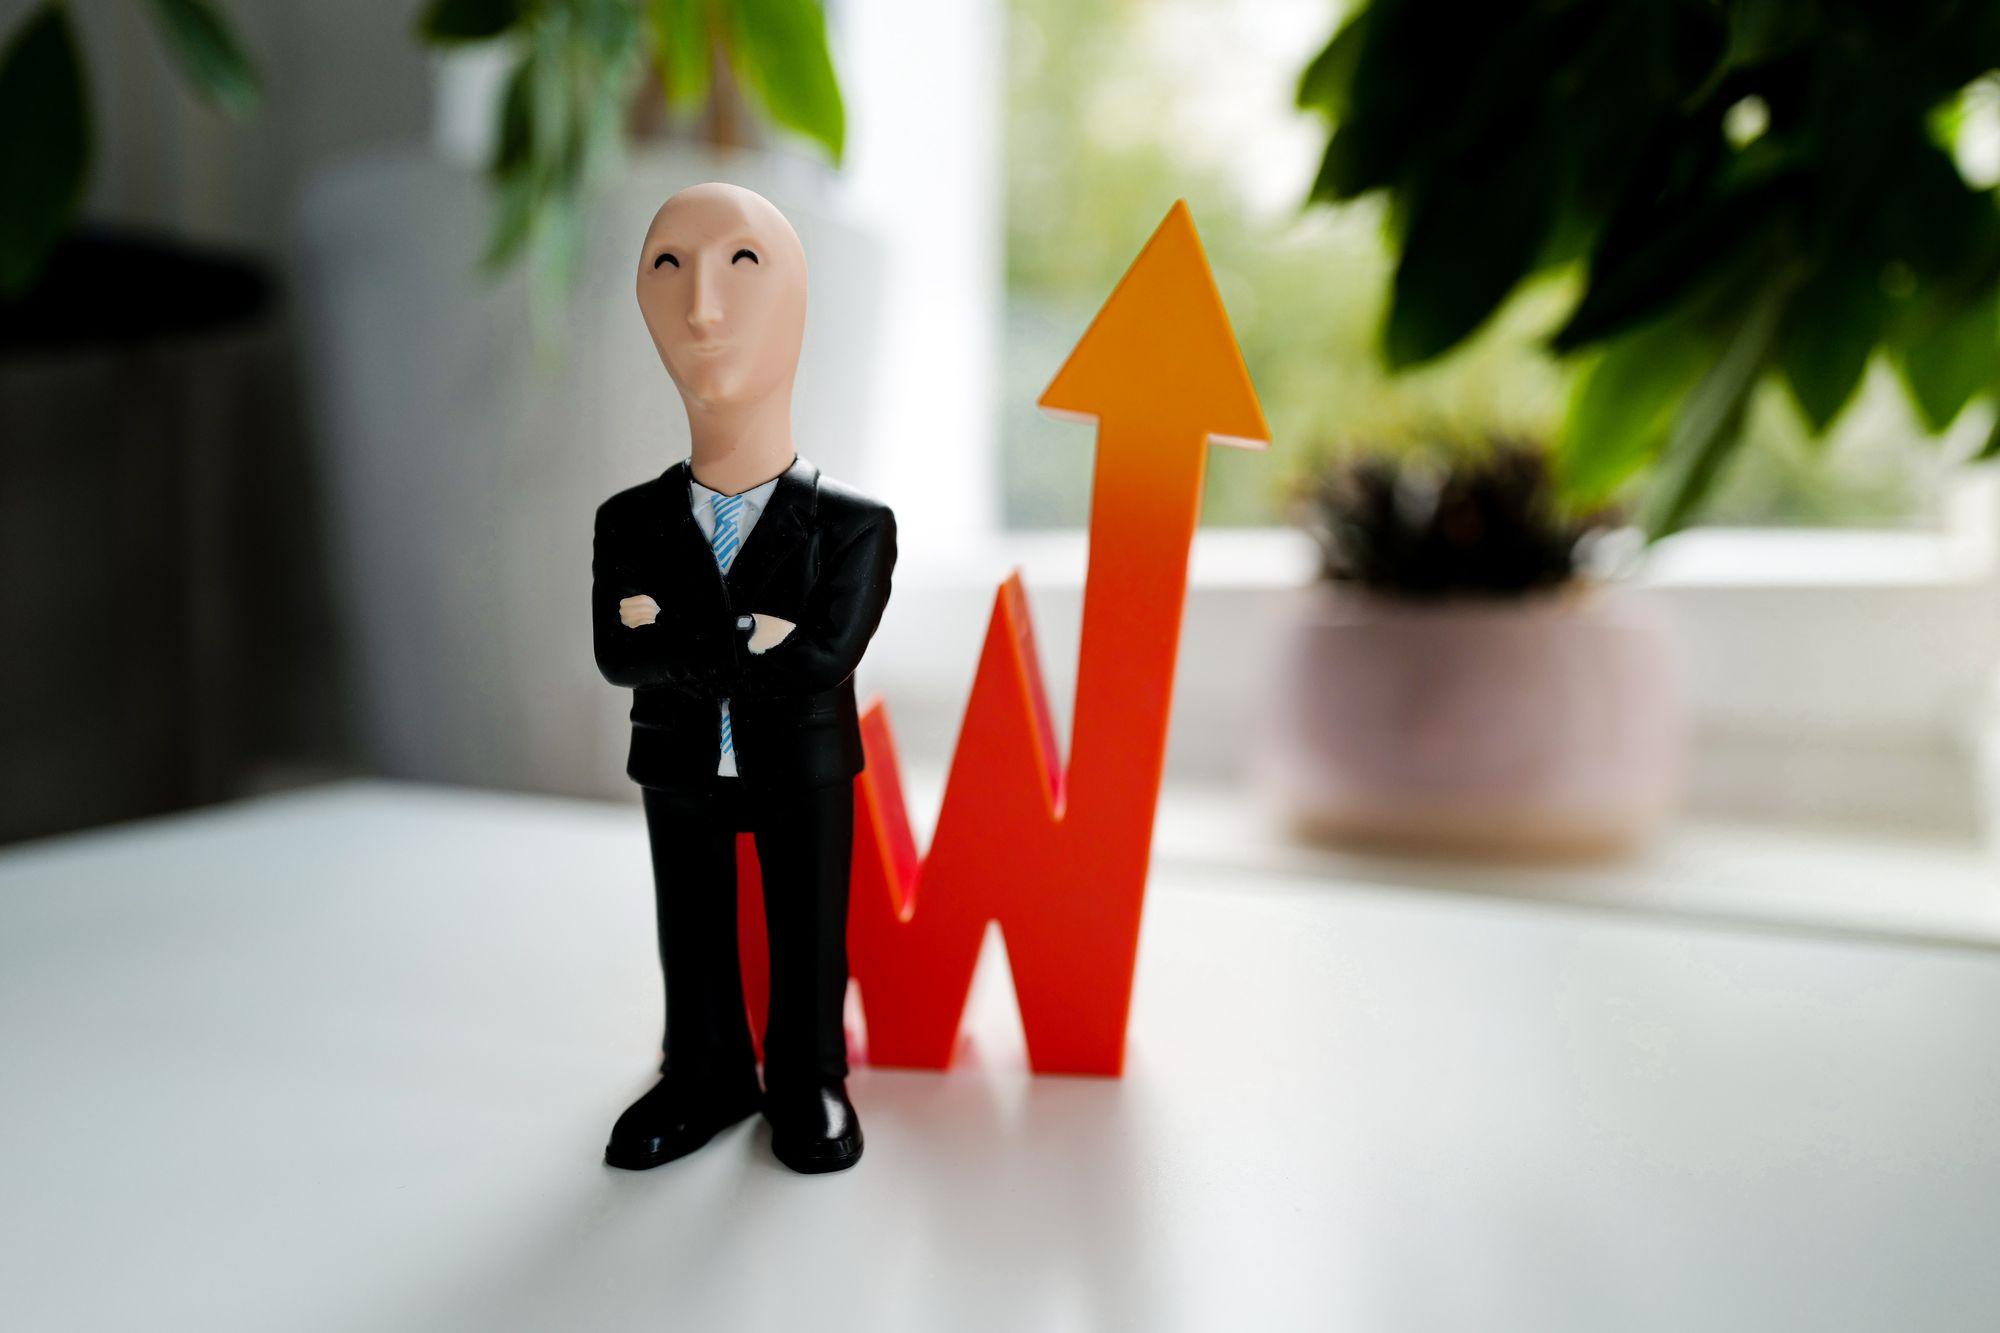 tips on hiring leaders